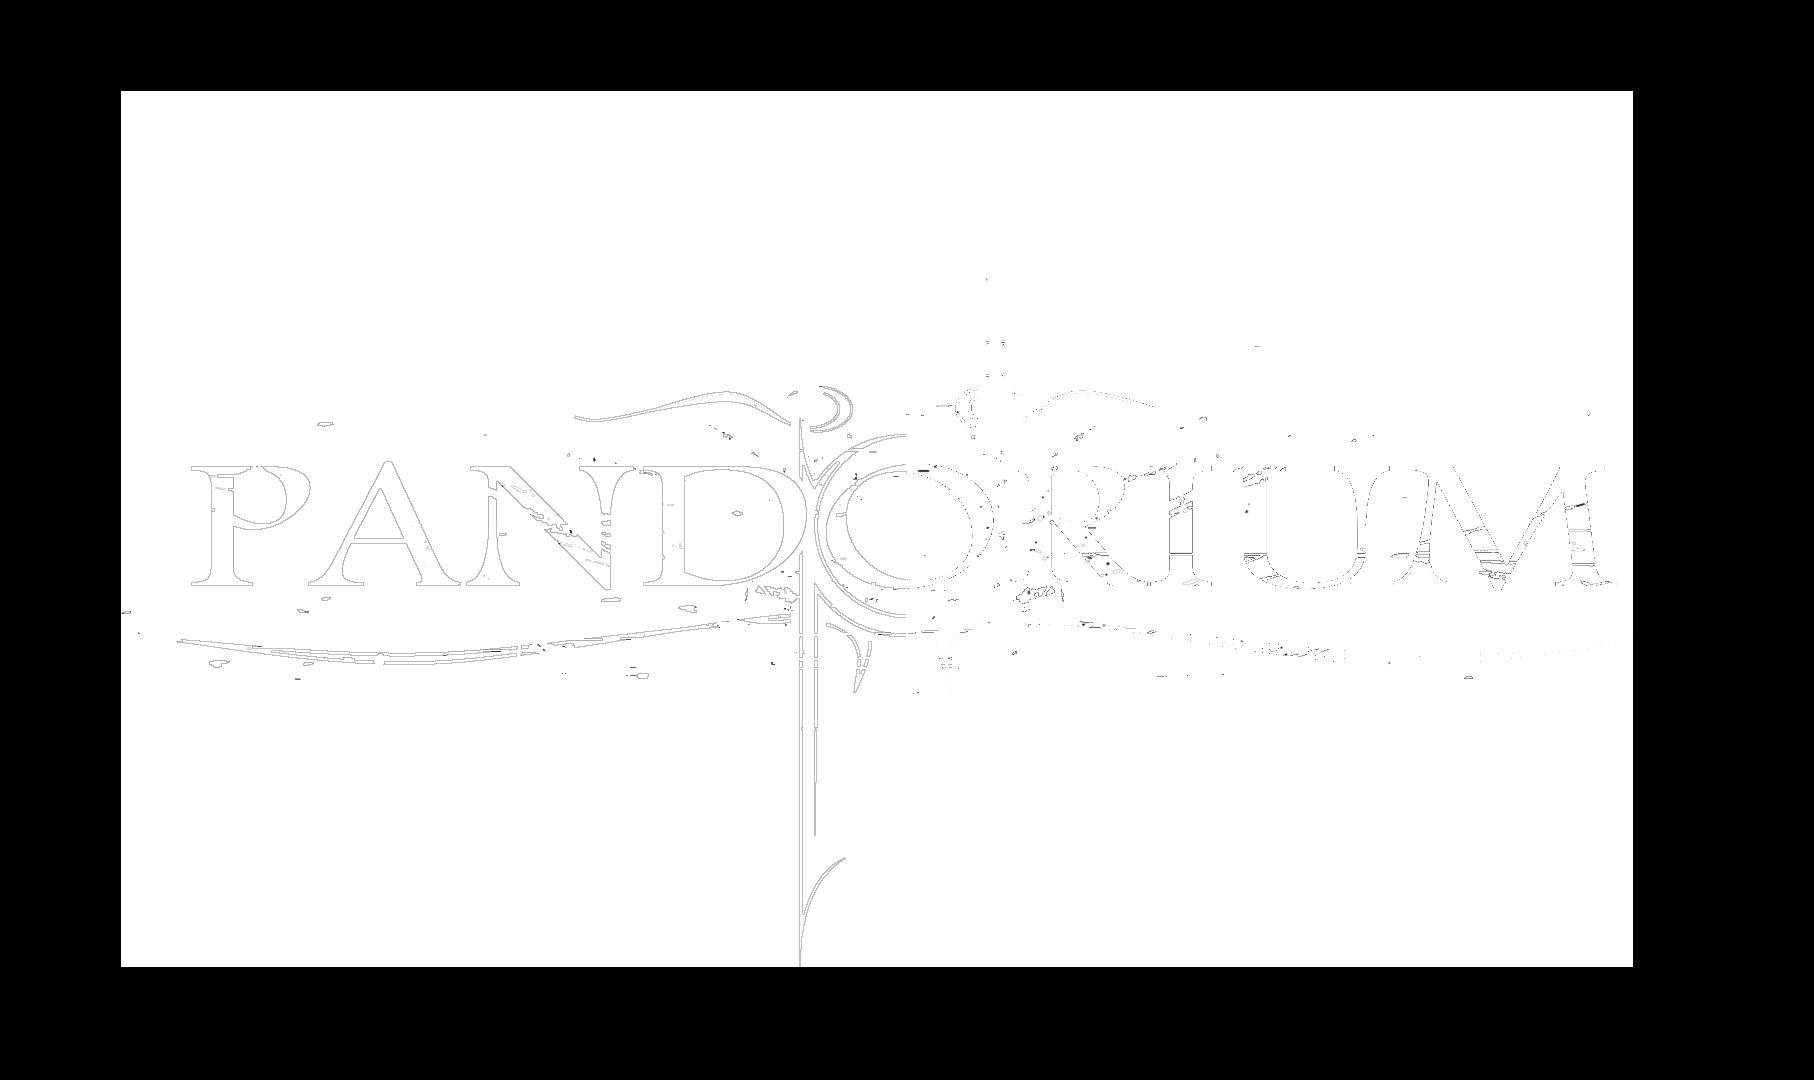 pandorium download